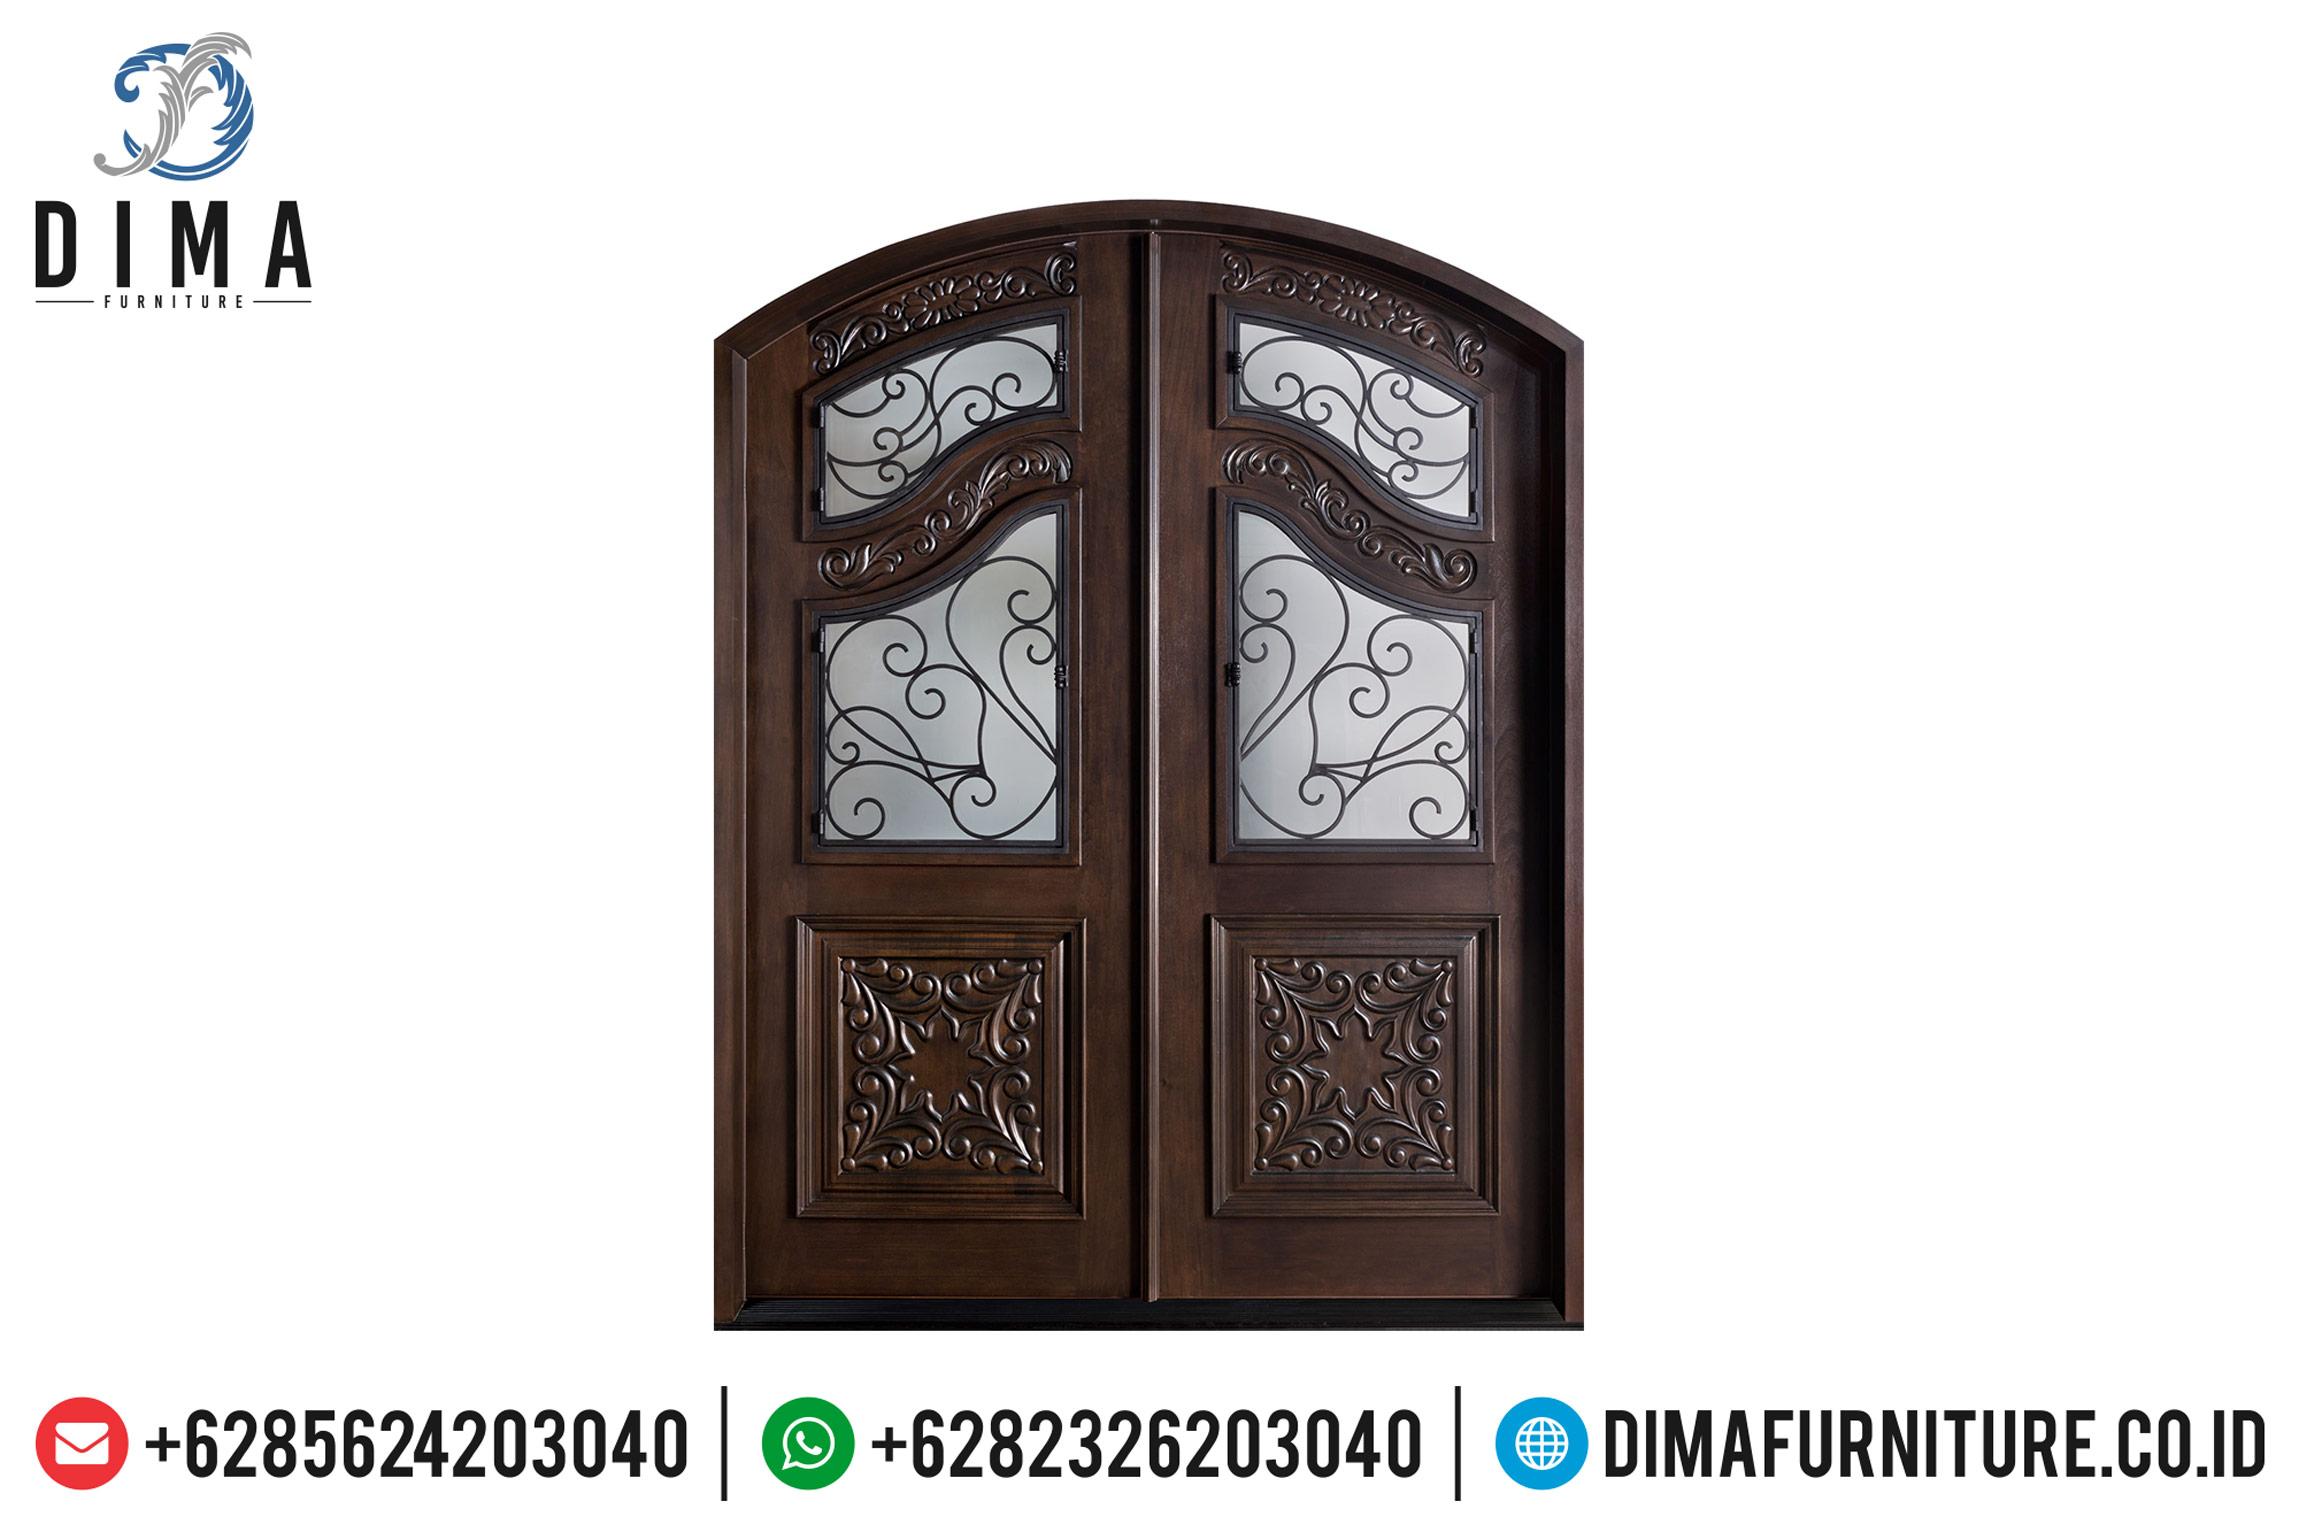 Jual Pintu Rumah Mewah Jati Natural Classic New Design Furniture Jepara TTJ-0506